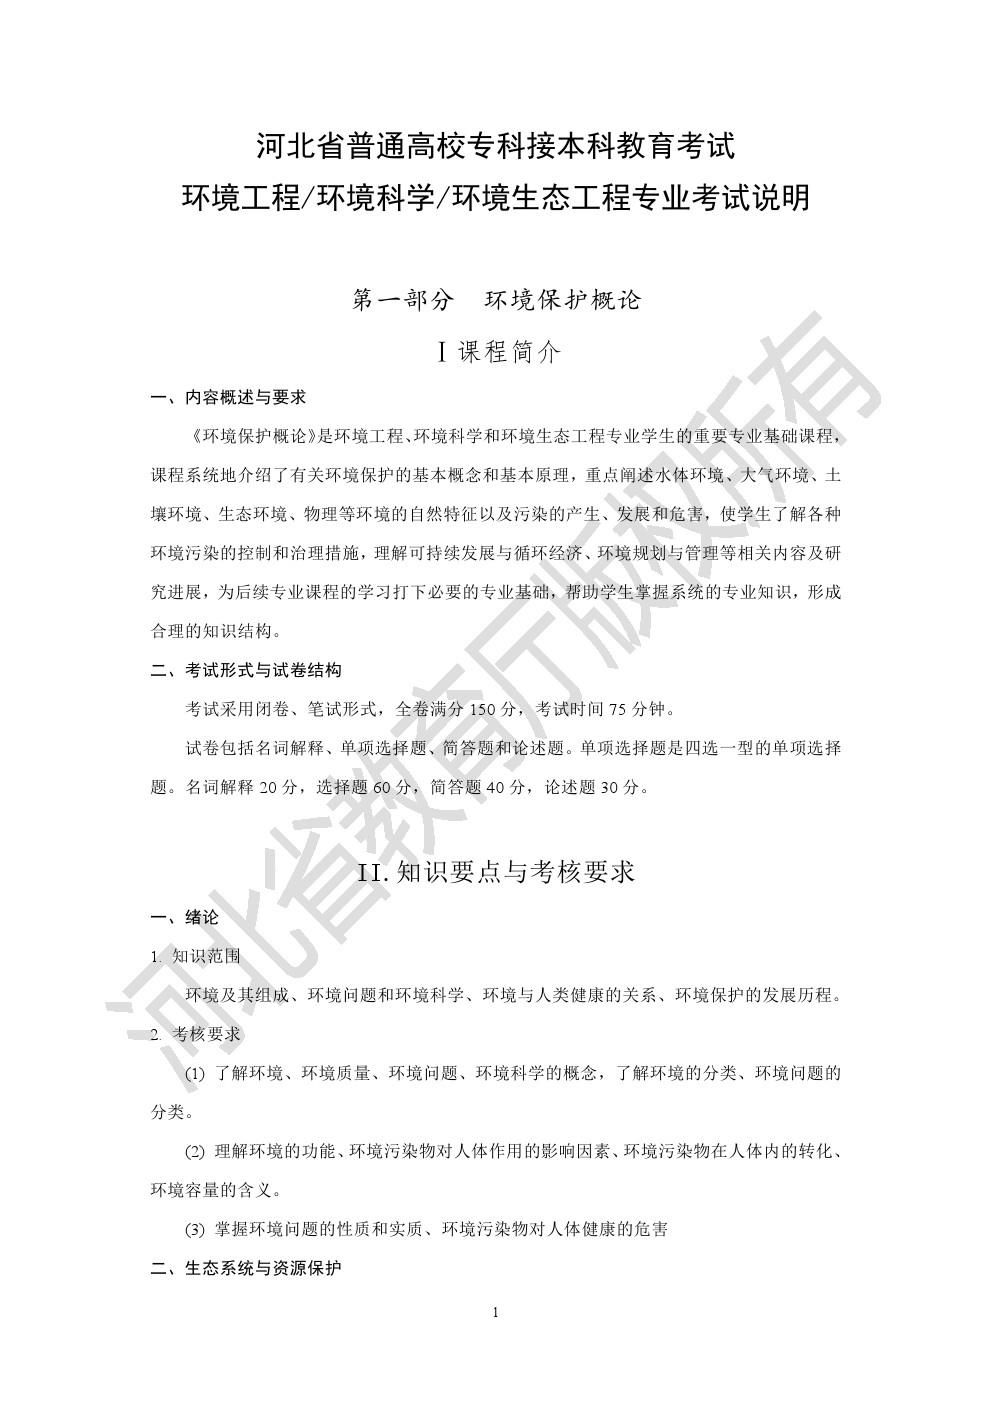 2020年河北省专接本考试理工类-环境工程、环境科学、环境生态工程专业考试说明